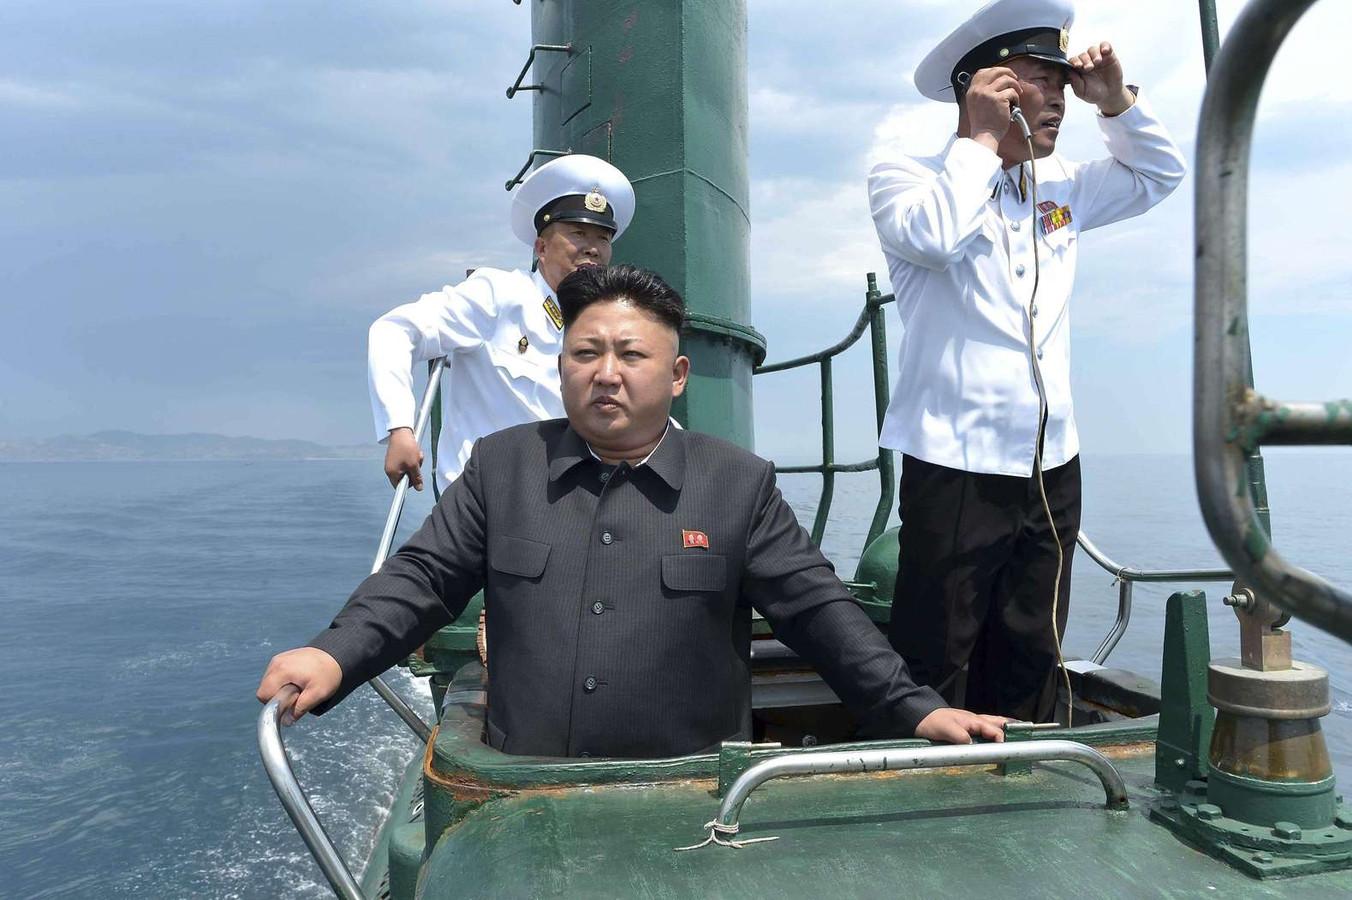 De Noord-Koreaanse leider Kim Jong-un vorig jaar tijdens een inspectie van een onderzeeër